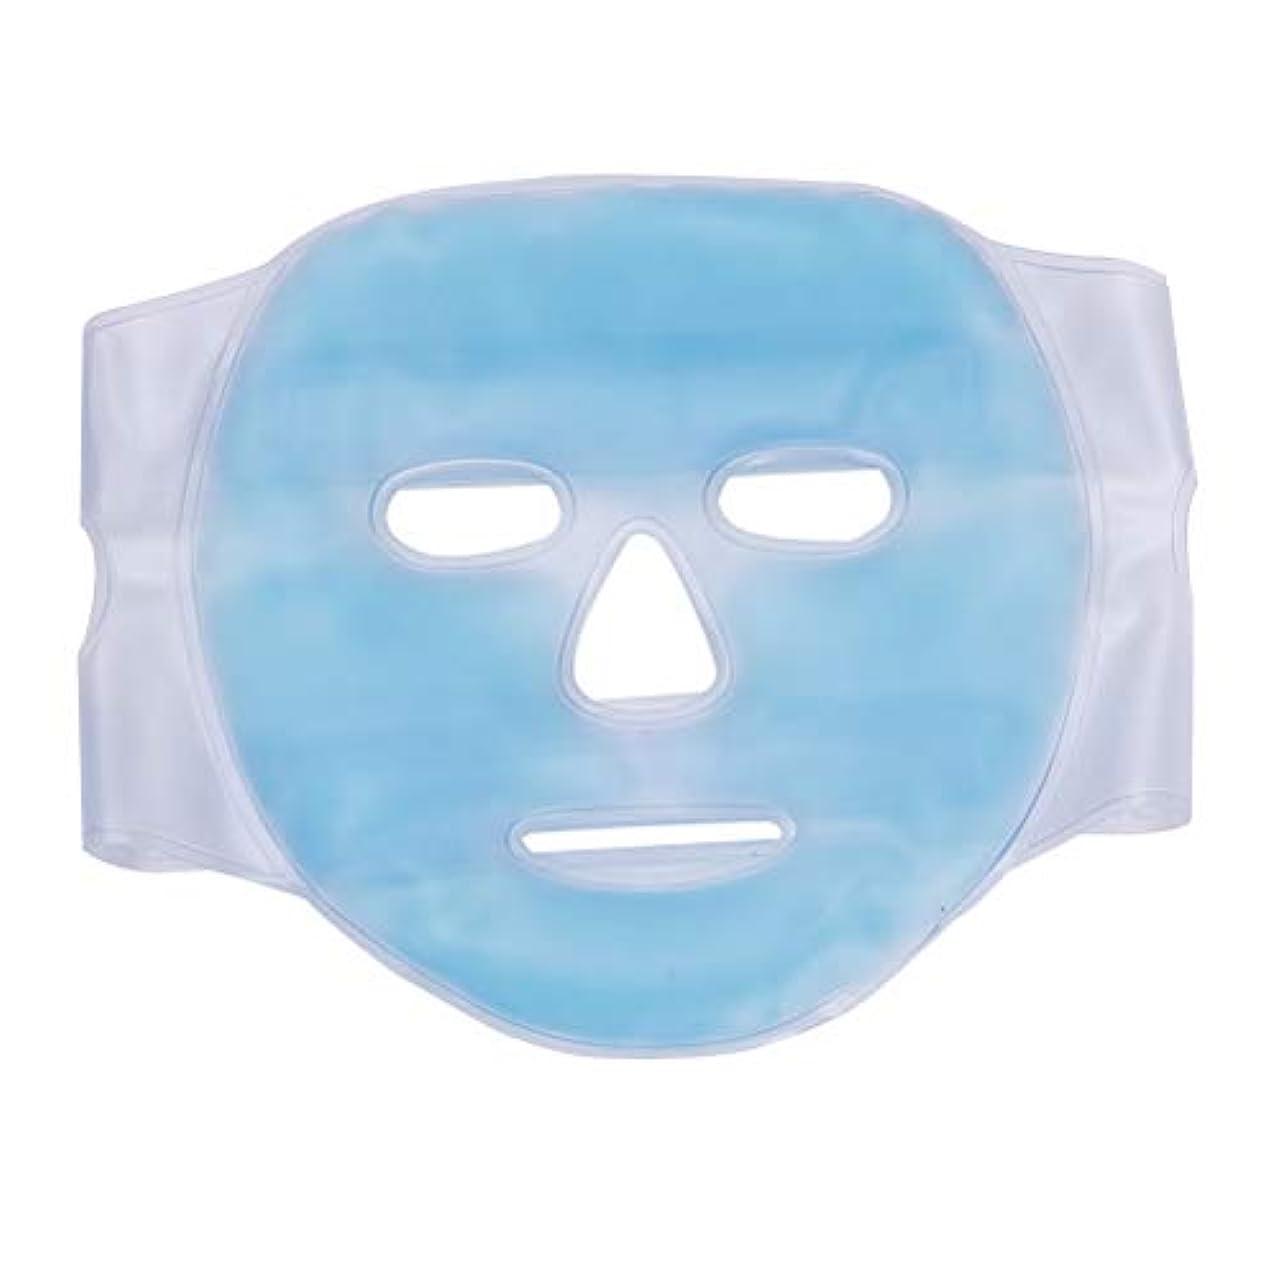 ビザ構造フレッシュHealifty Gelコールド&ホットコンプレッションフェイシャルPVCアイスマスクフェイス(腫れぼったい顔用)ふくらんでいる目ダークサークル(ブルー)